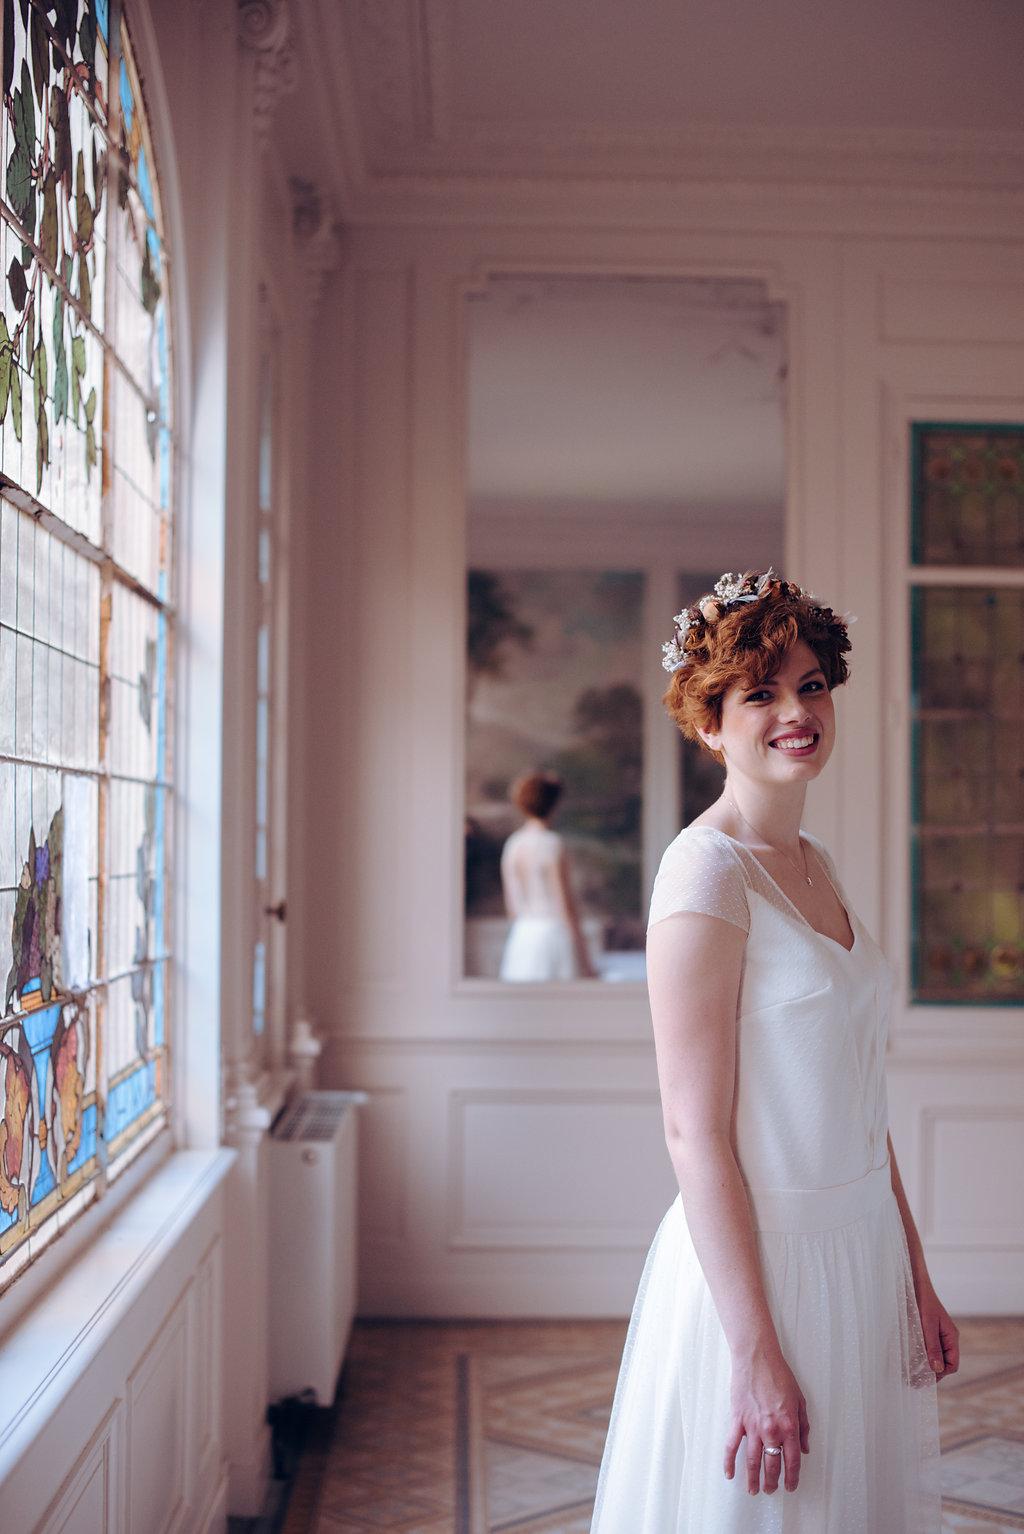 Léa-Fery-photographe-professionnel-lyon-rhone-alpes-portrait-creation-mariage-evenement-evenementiel-famille-7343.jpg